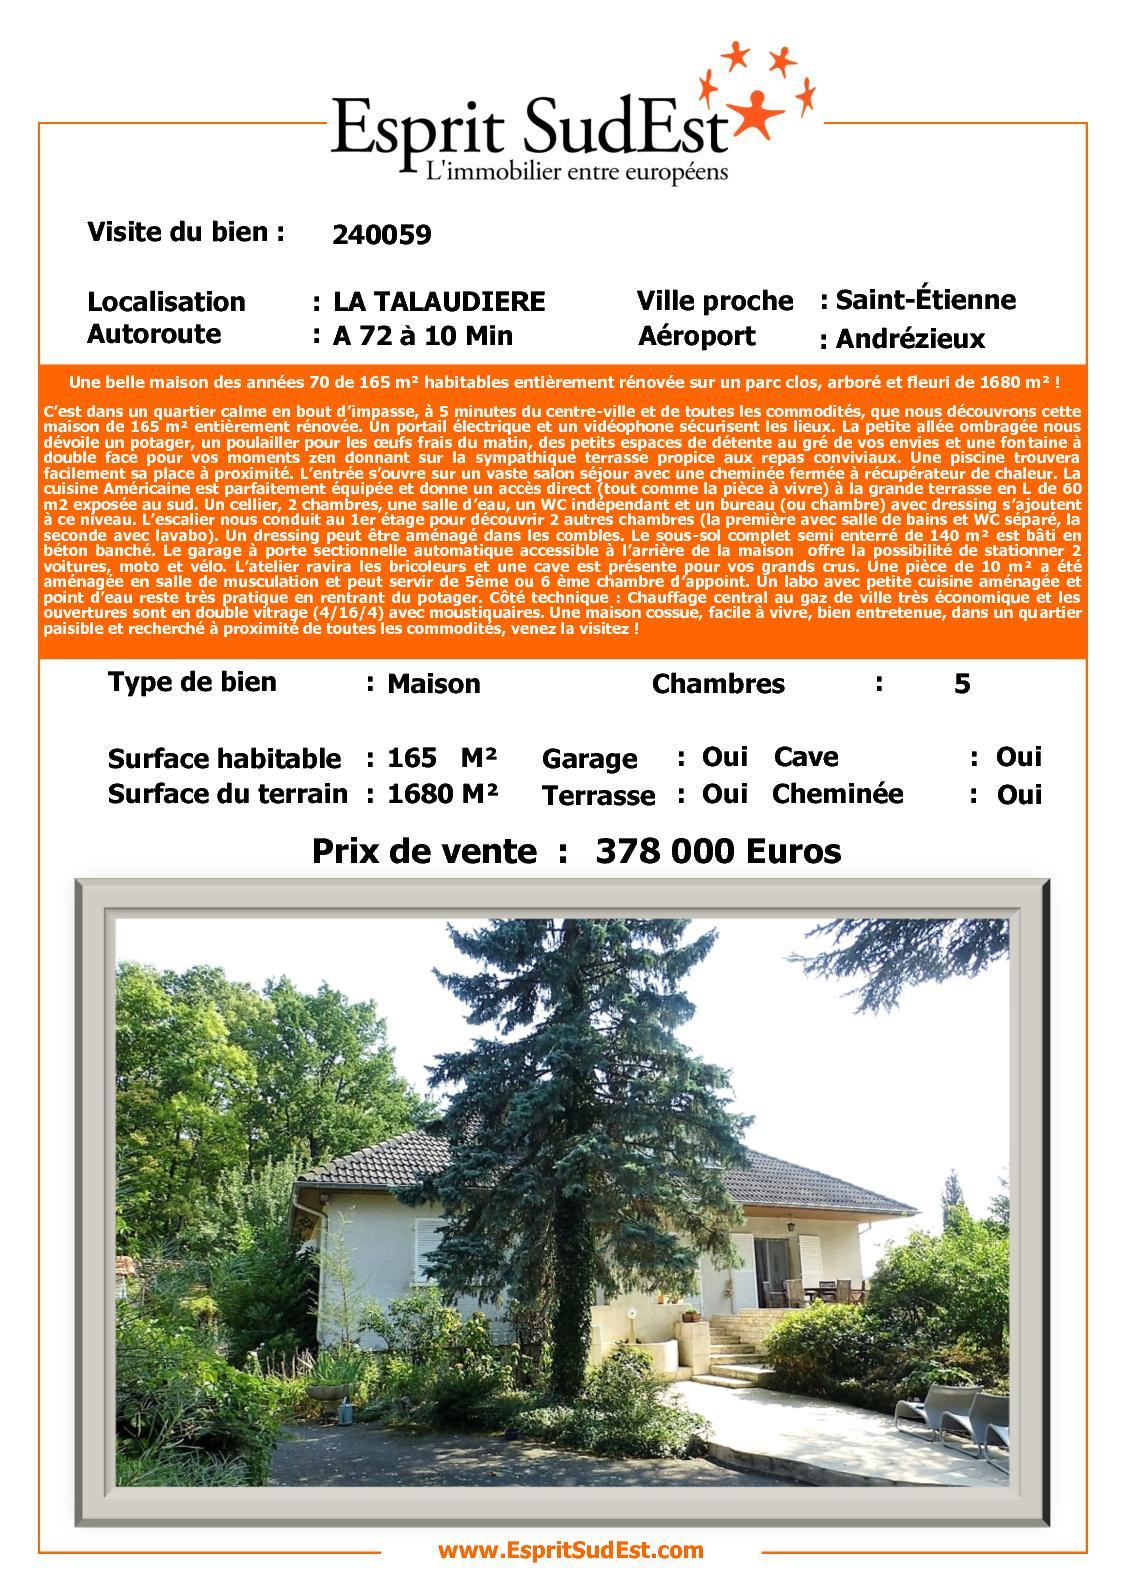 Calam o une belle maison des ann es 70 de 165 m for Piscine la talaudiere